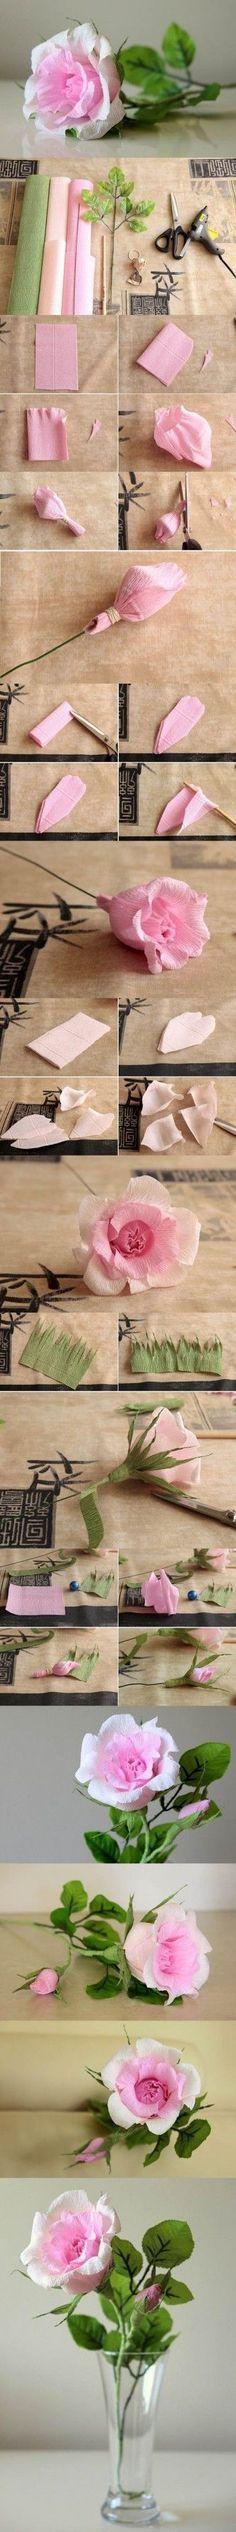 DIY Beautiful Pink Crepe Paper Rose 1